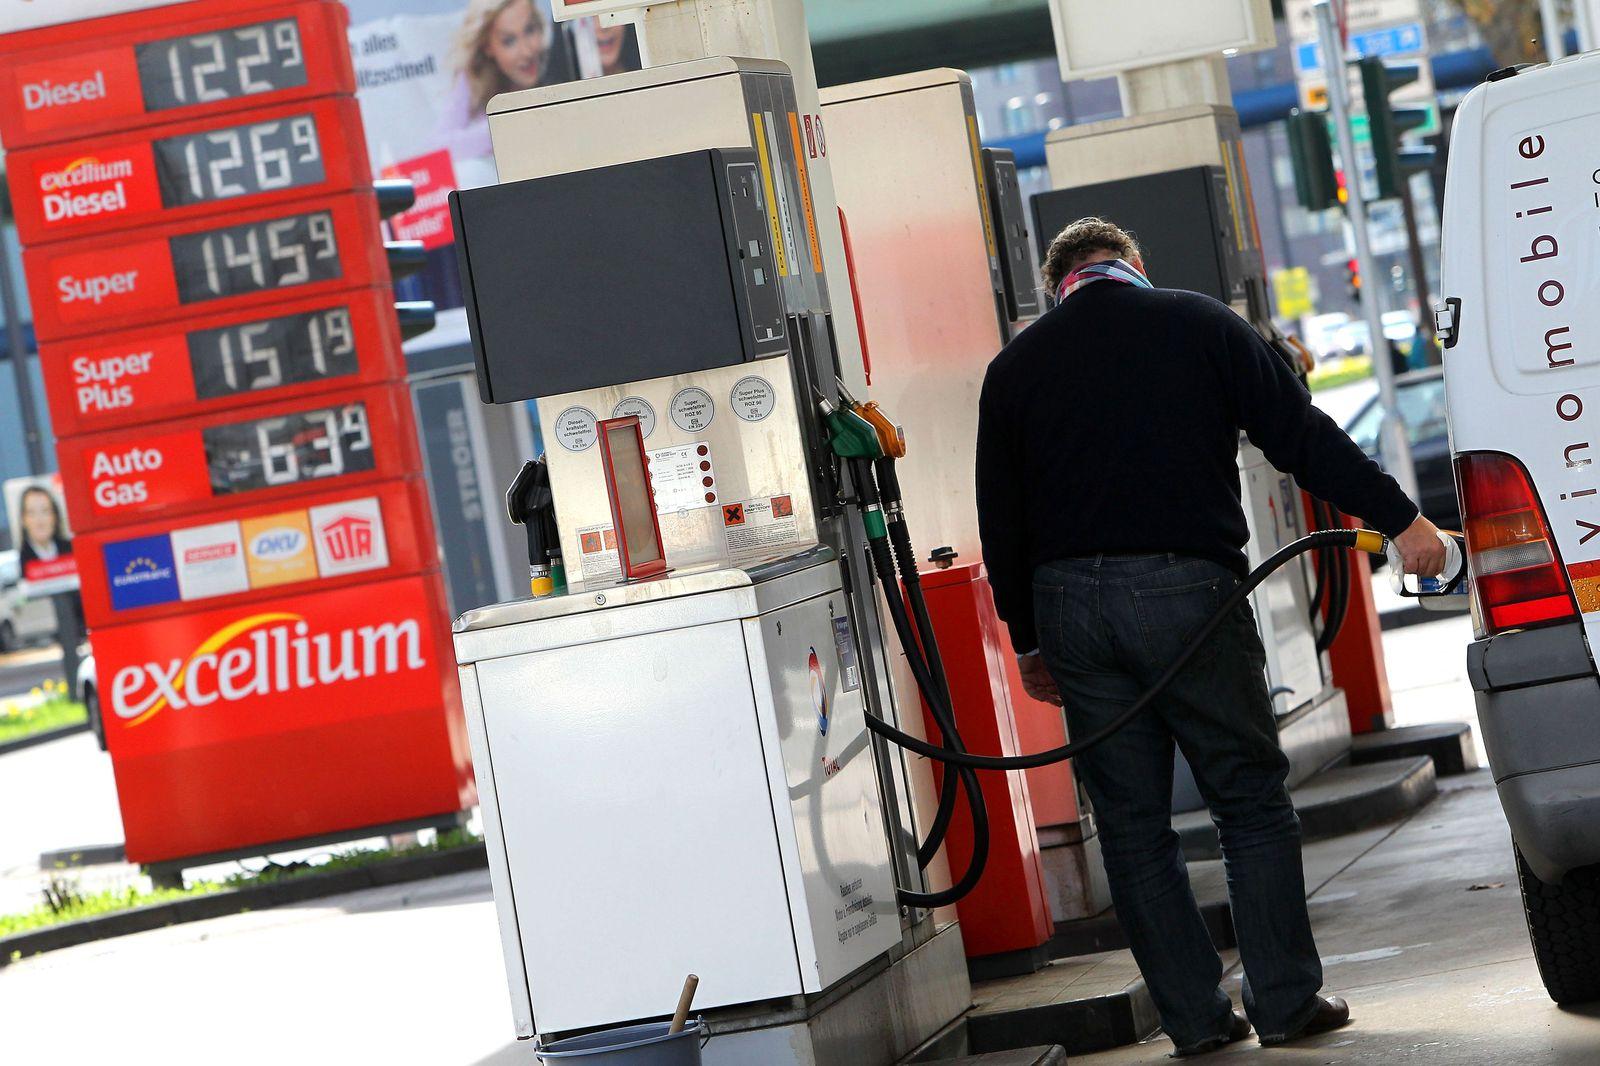 Tanstelle / Tanken / Benzinpreise